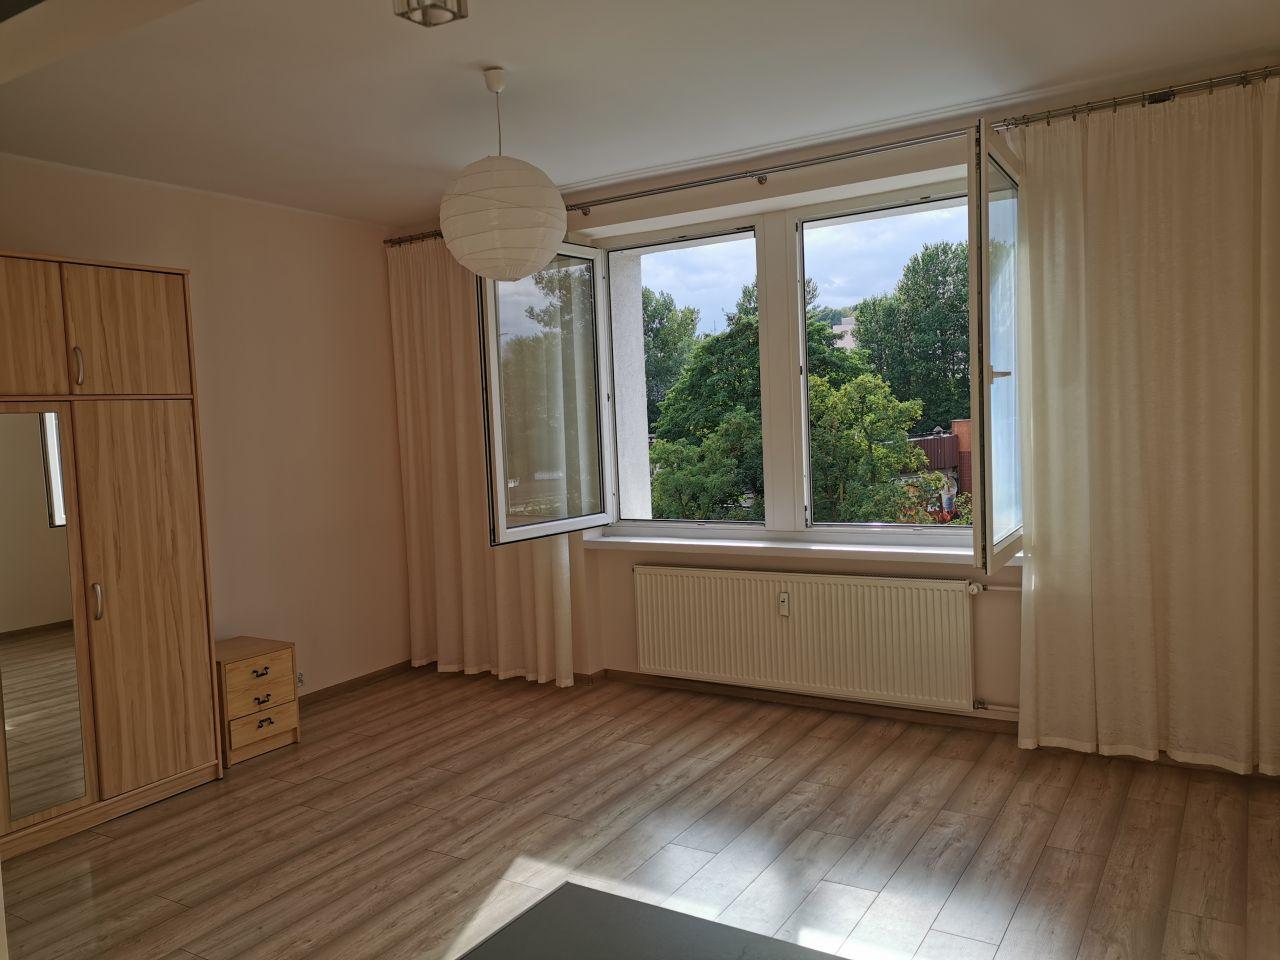 Mieszkanie 1-pokojowe Gdynia Śródmieście, ul. Antoniego Abrahama 80